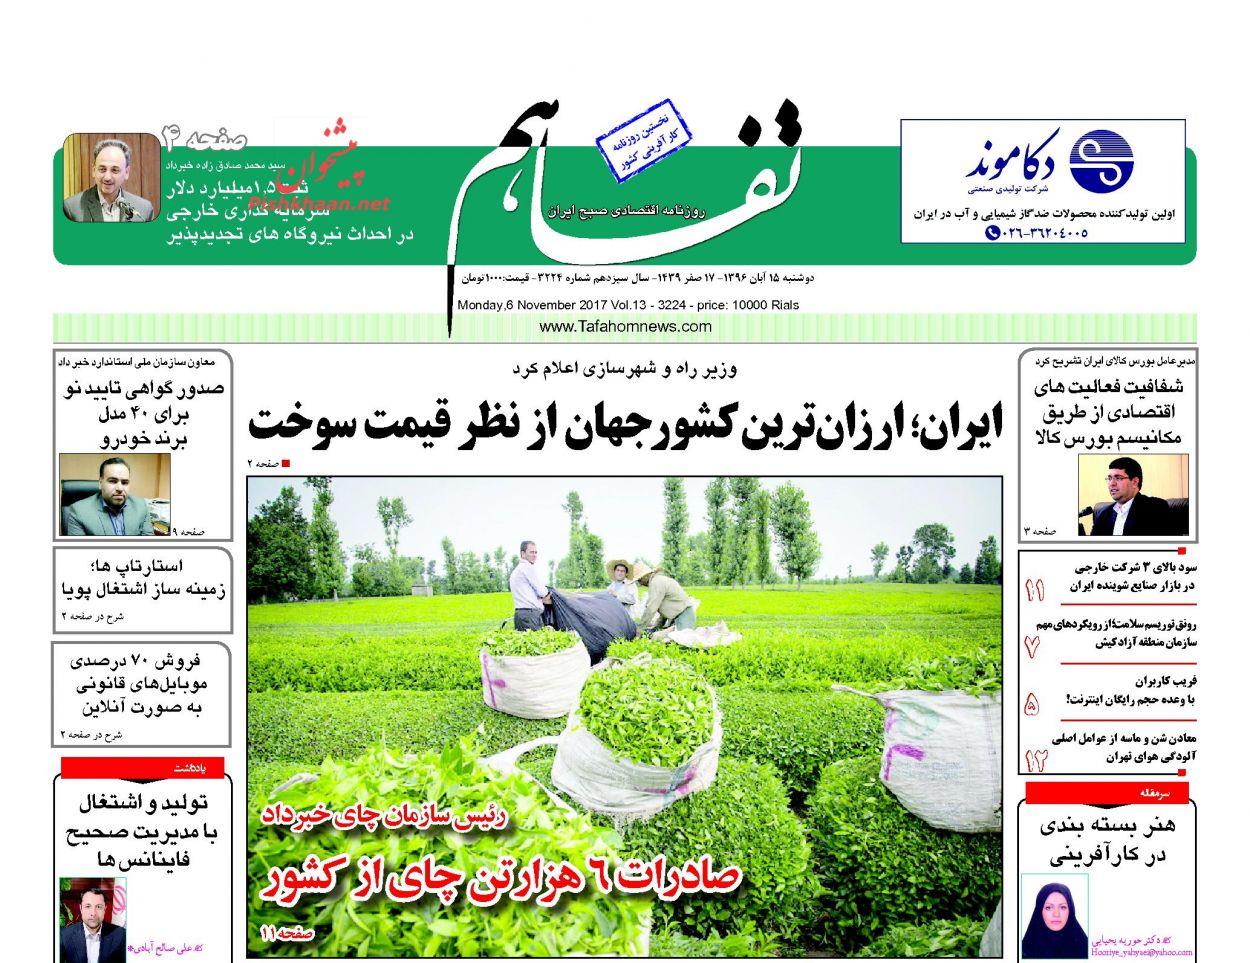 عناوین روزنامههای اقتصادی ۱۵ آبان ۹۶ / بیراهه راهاندازی بورس ارز +تصاویر